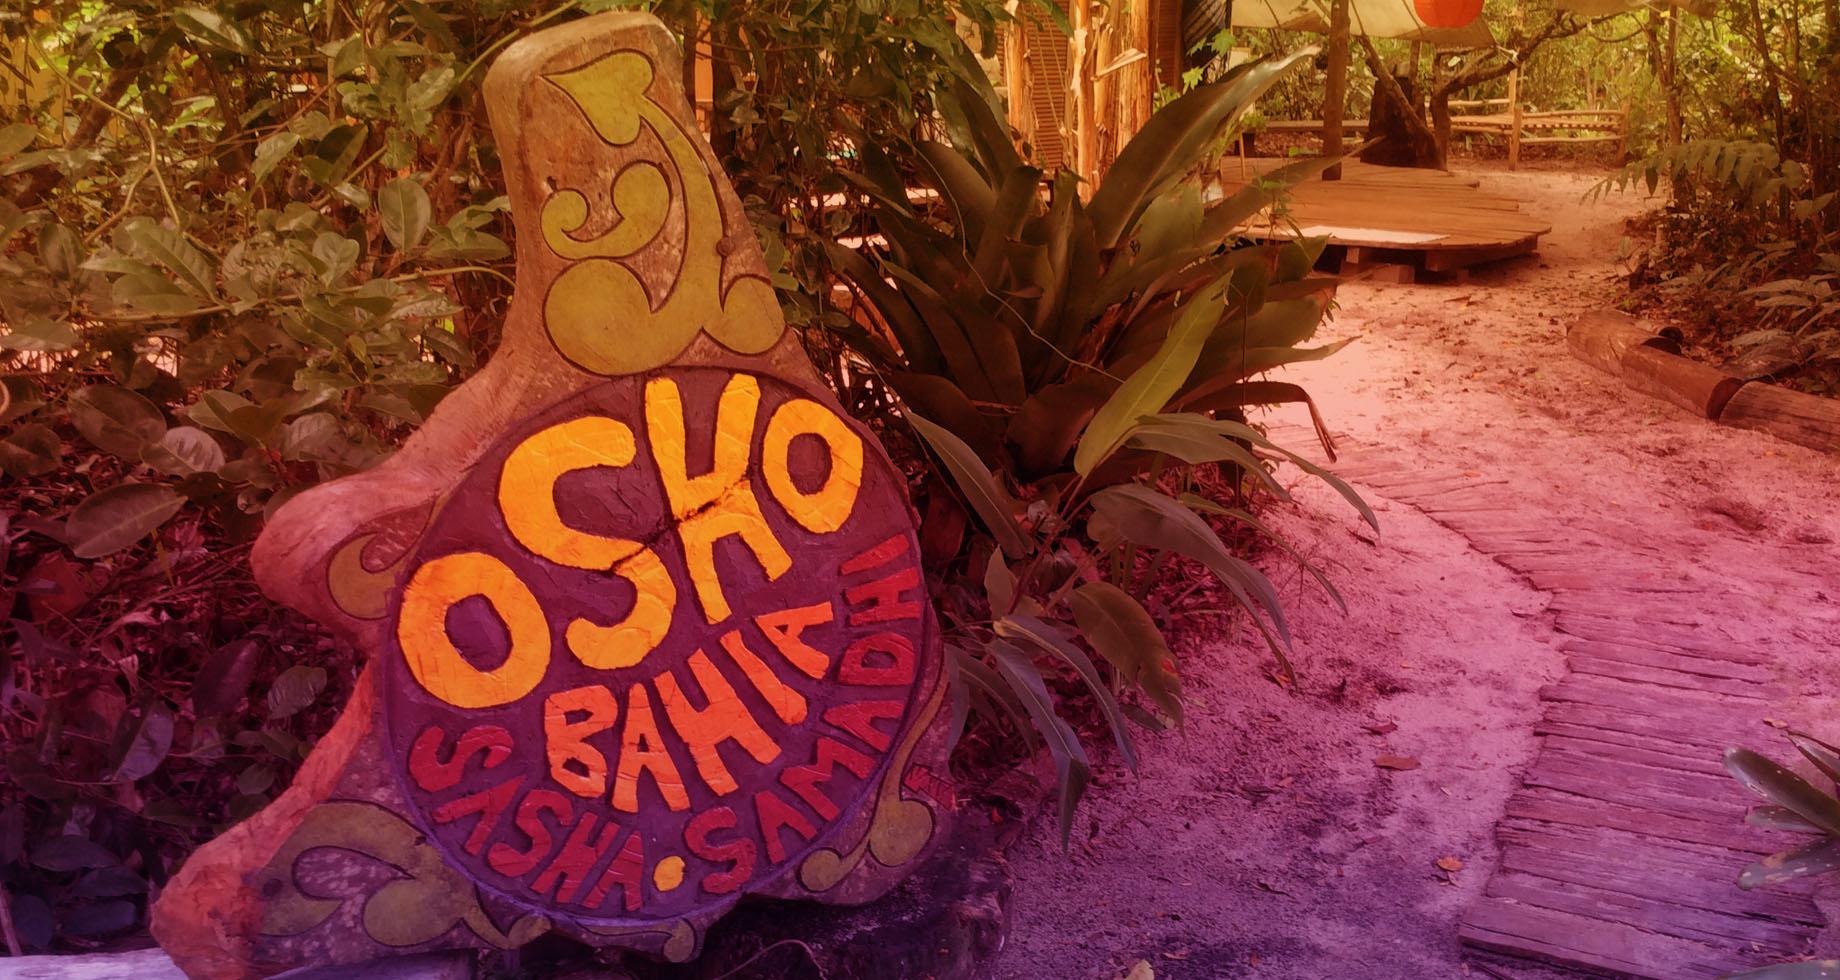 OshoBahia | Formação Osho Neo-Rebalancing